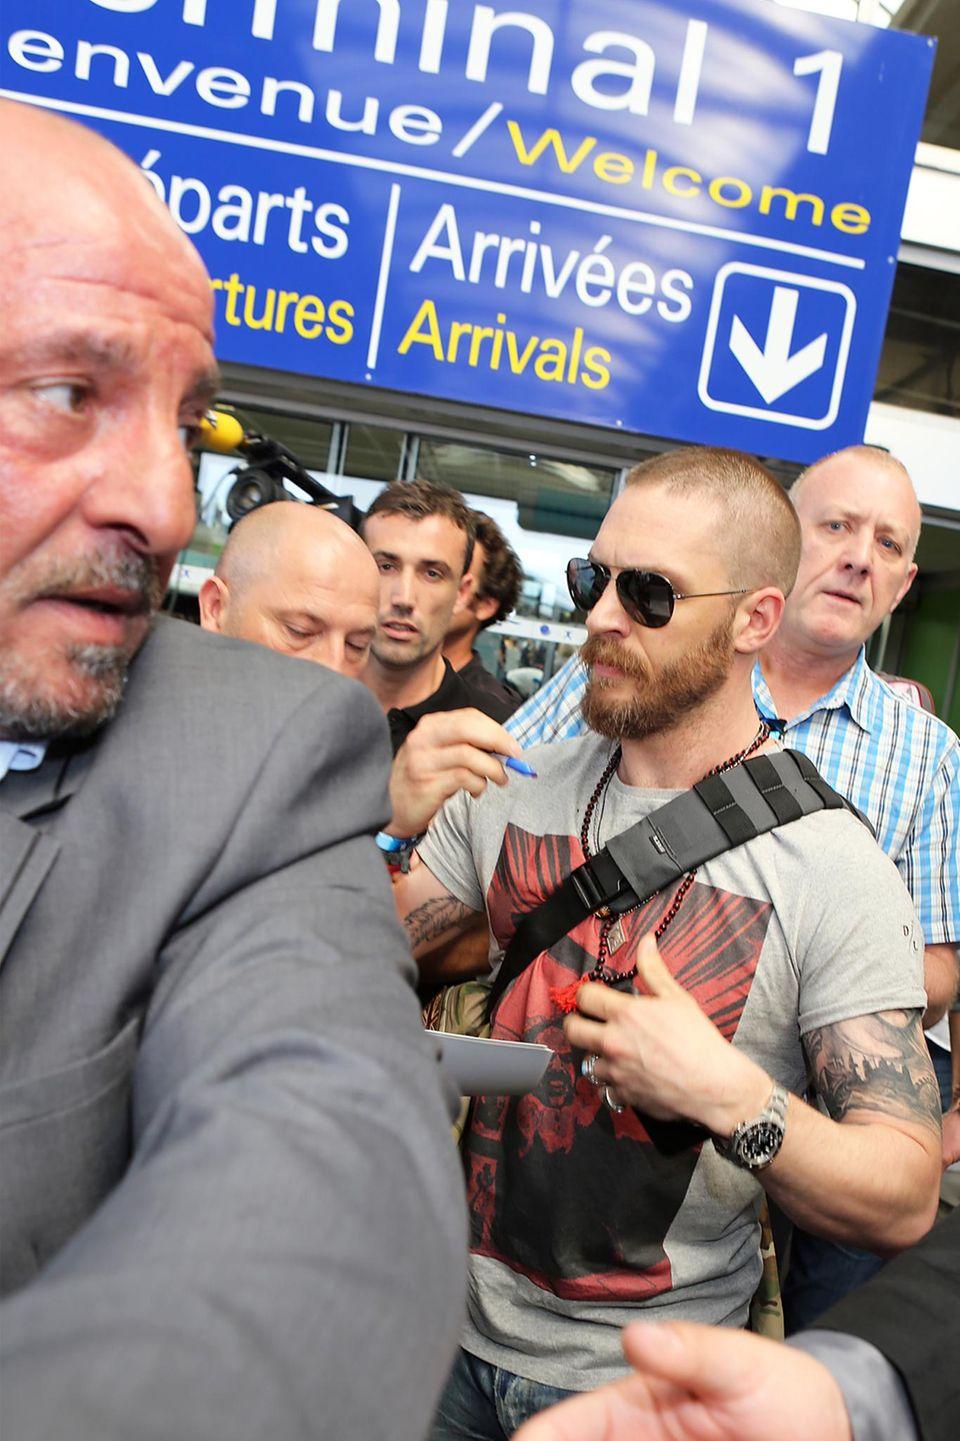 Schauspieler Tom Hardy kämpft sich am Flughafen durch die Massen und gibt noch schnell ein paar Autogramme.